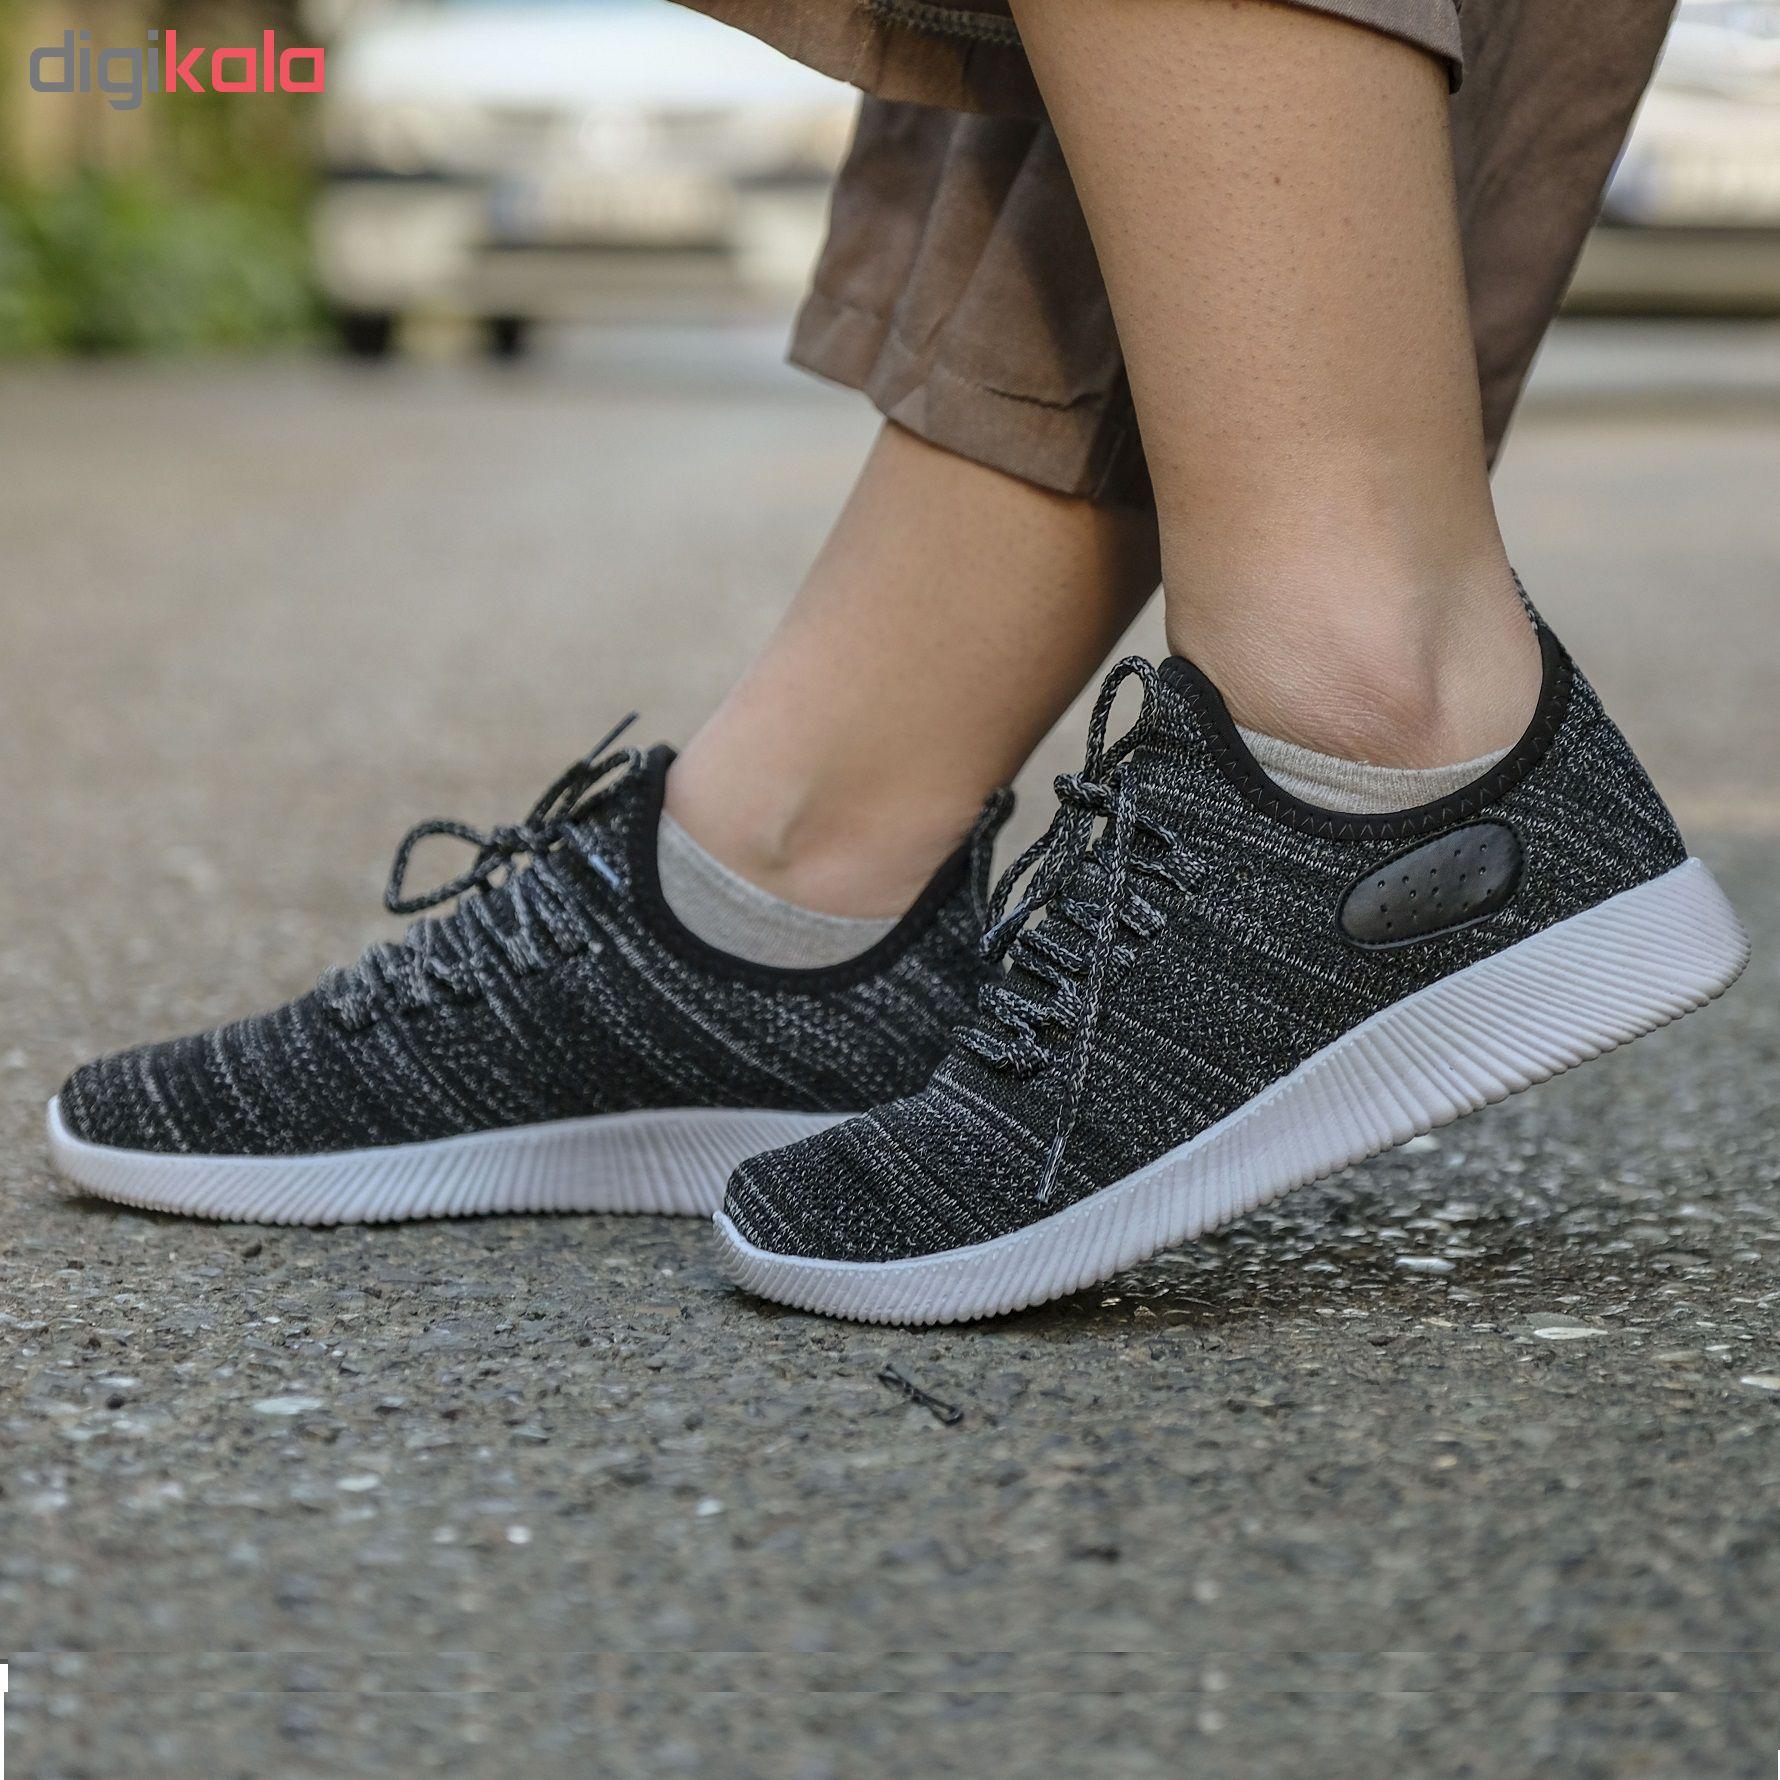 کفش مخصوص دویدن زنانه مدل yezi رنگ خاکستری